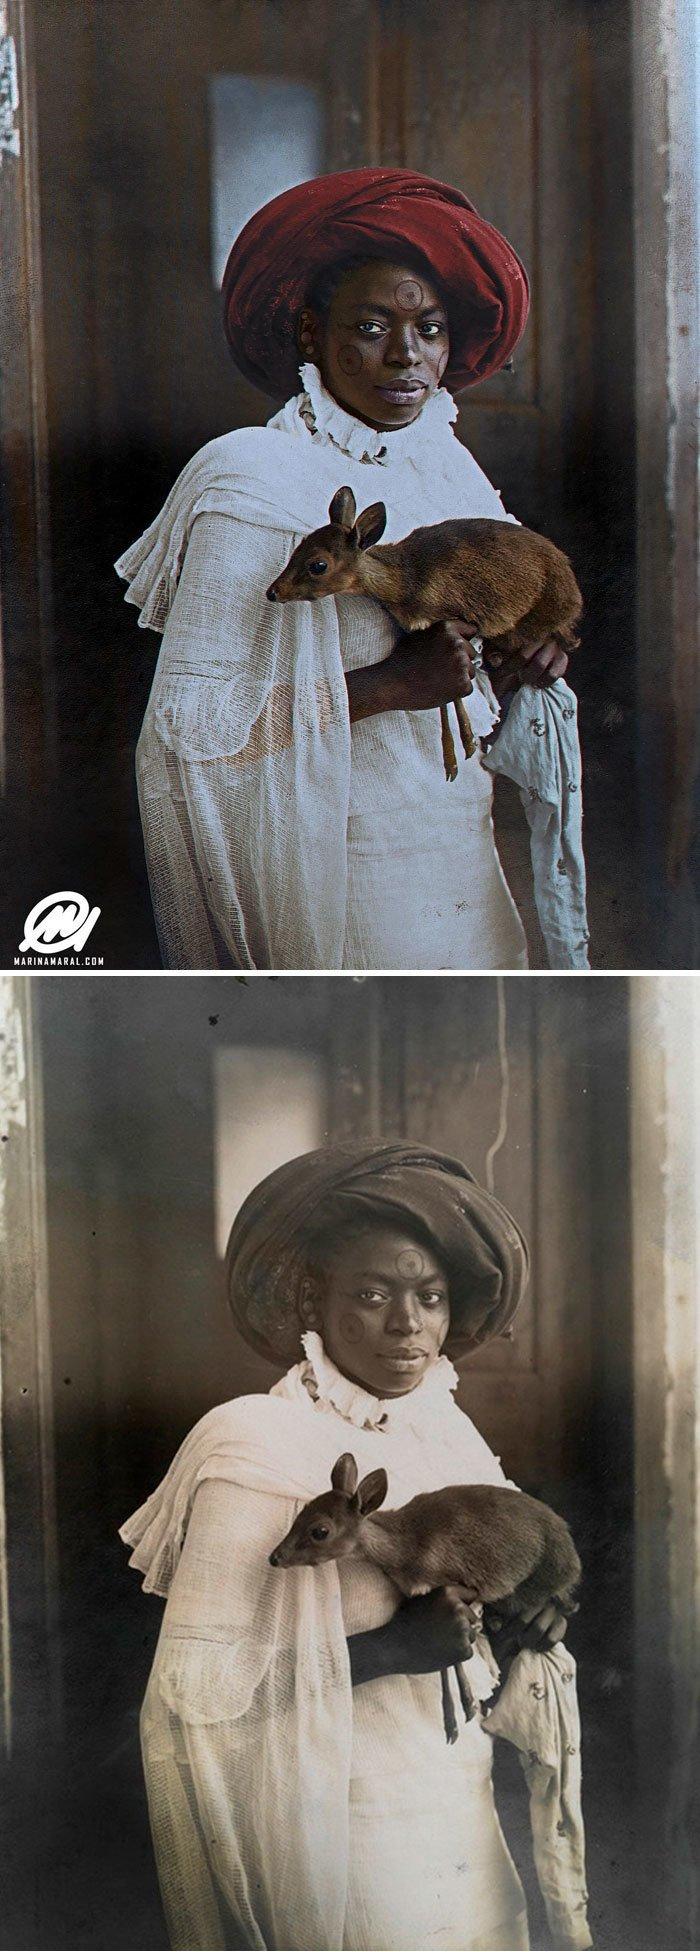 Кенийская женщина с олененком, Момбаса, 1909 год история, портрет, прошлое, событие, фотография, фотомир, цвет